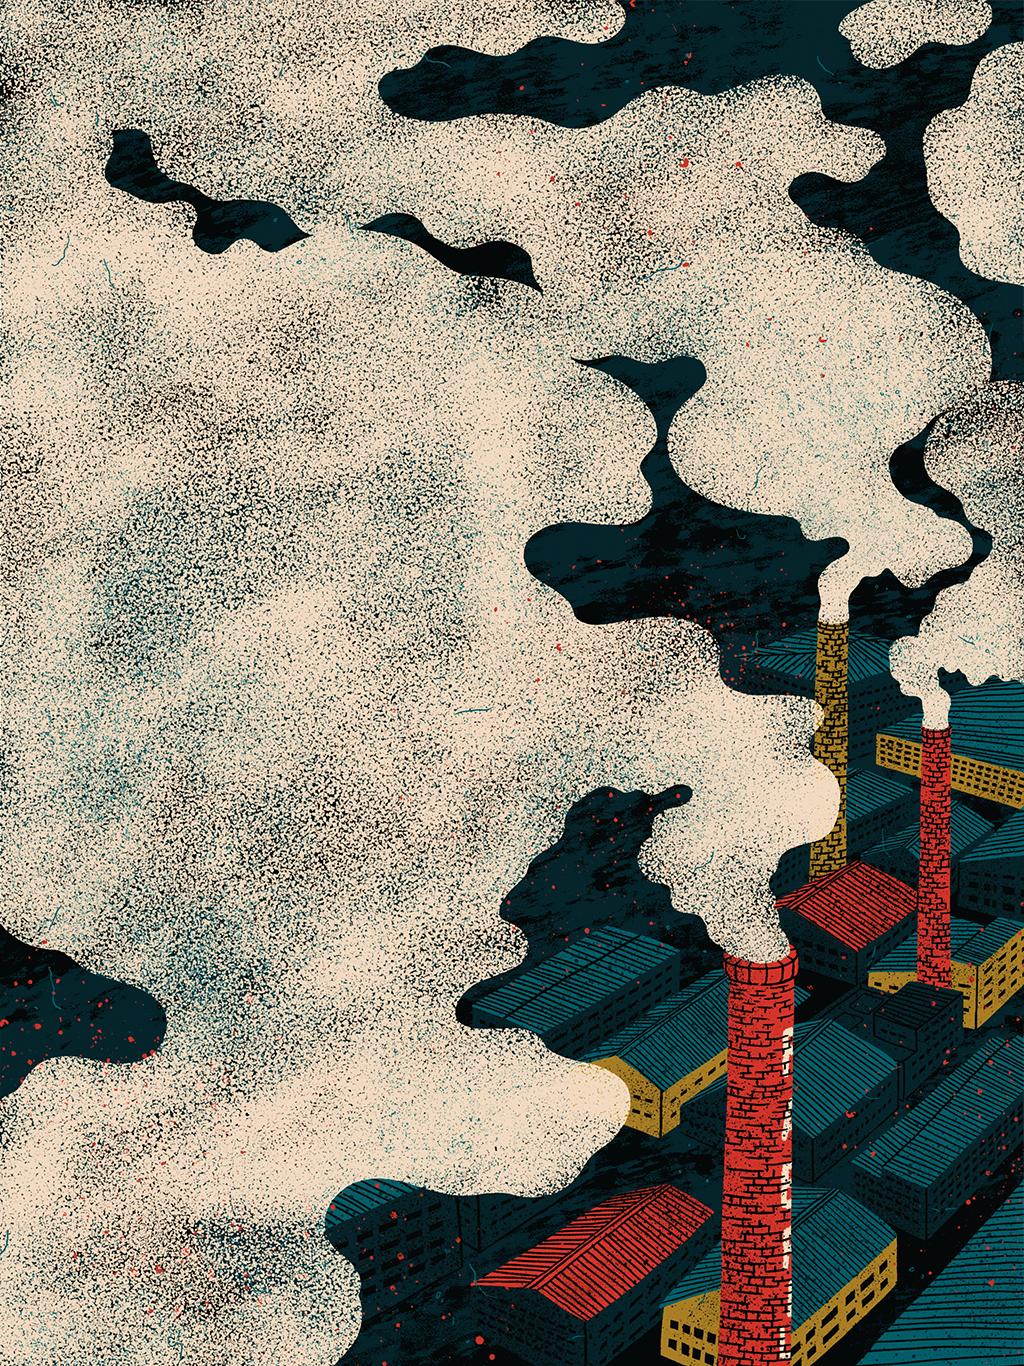 Ilustração com fumaça em primeiro plano saindo de chaminés de fábricas ao fundo.